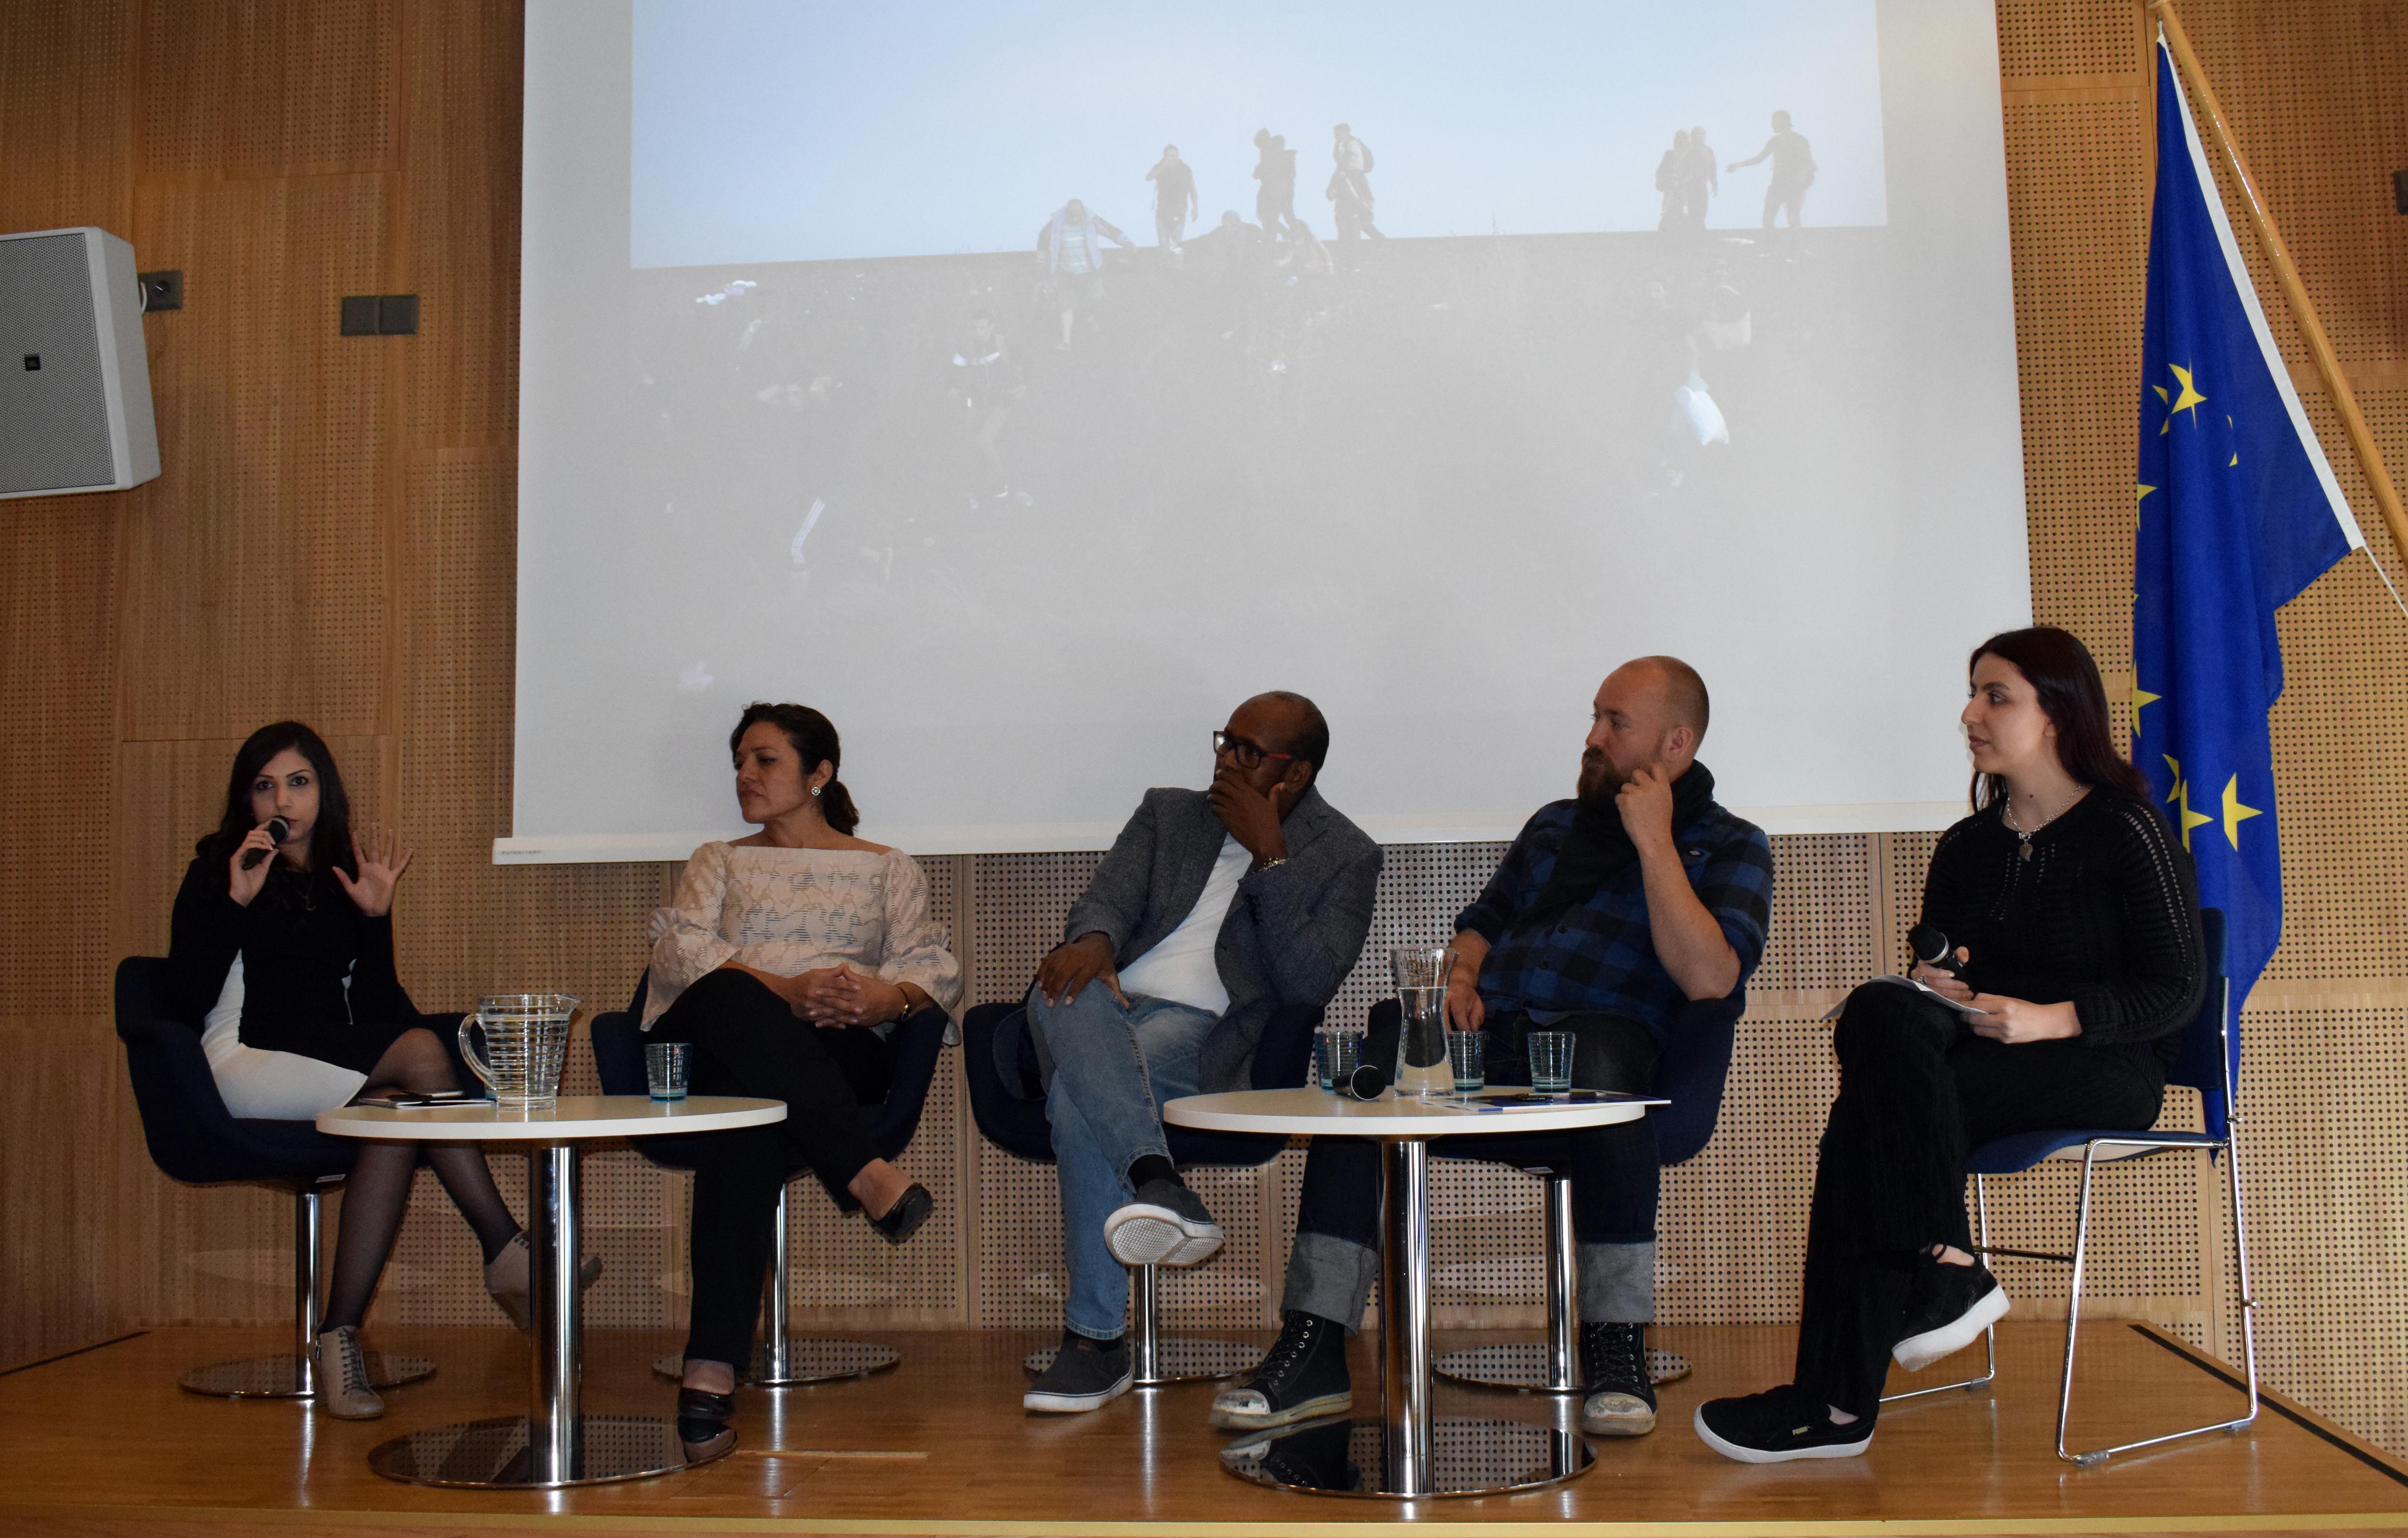 Paneelikeskustelu Eurooppasalissa Helsingissä